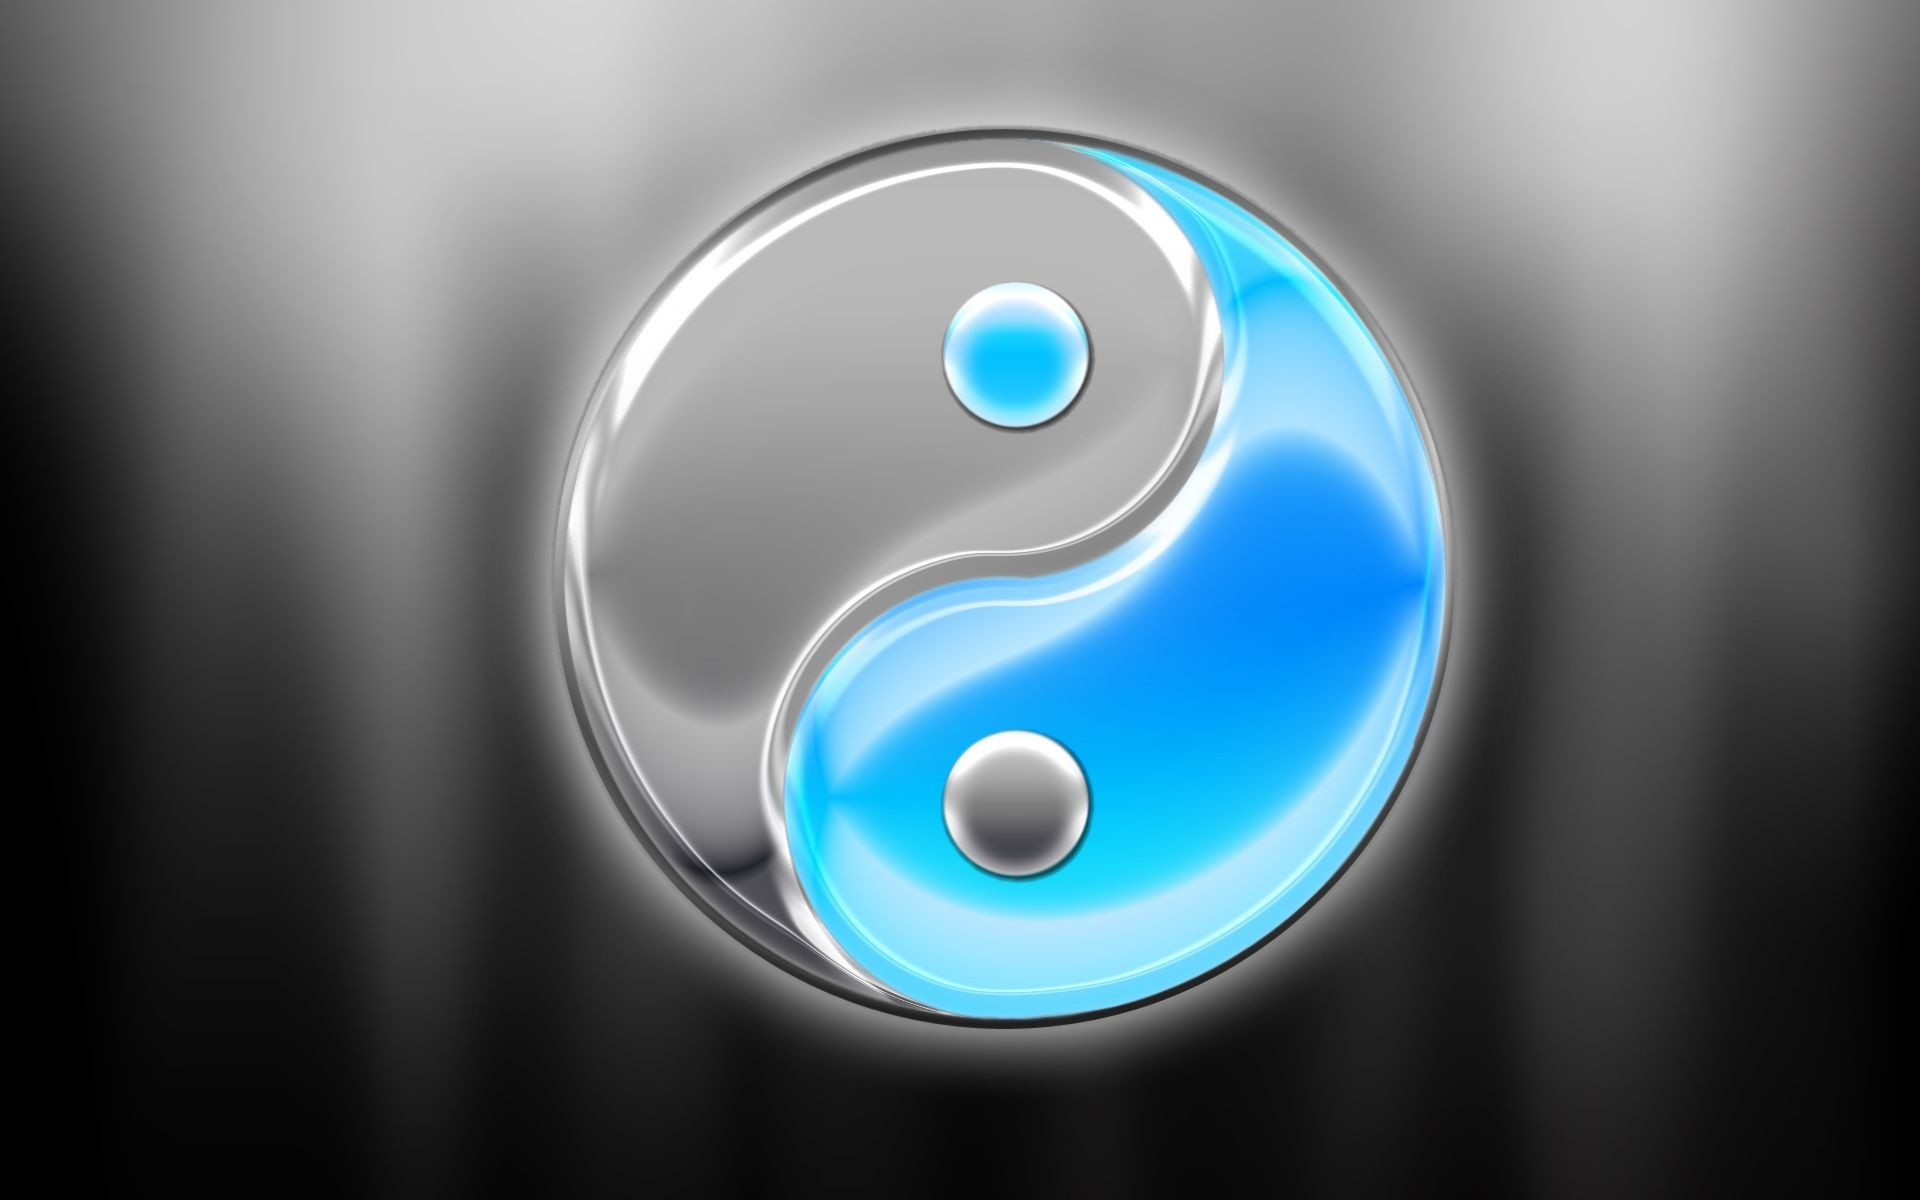 Yin yang wallpaper | | 275081 | WallpaperUP | Ying Yang symbols |  Pinterest | Yin yang, Ying yang symbol and Wallpaper